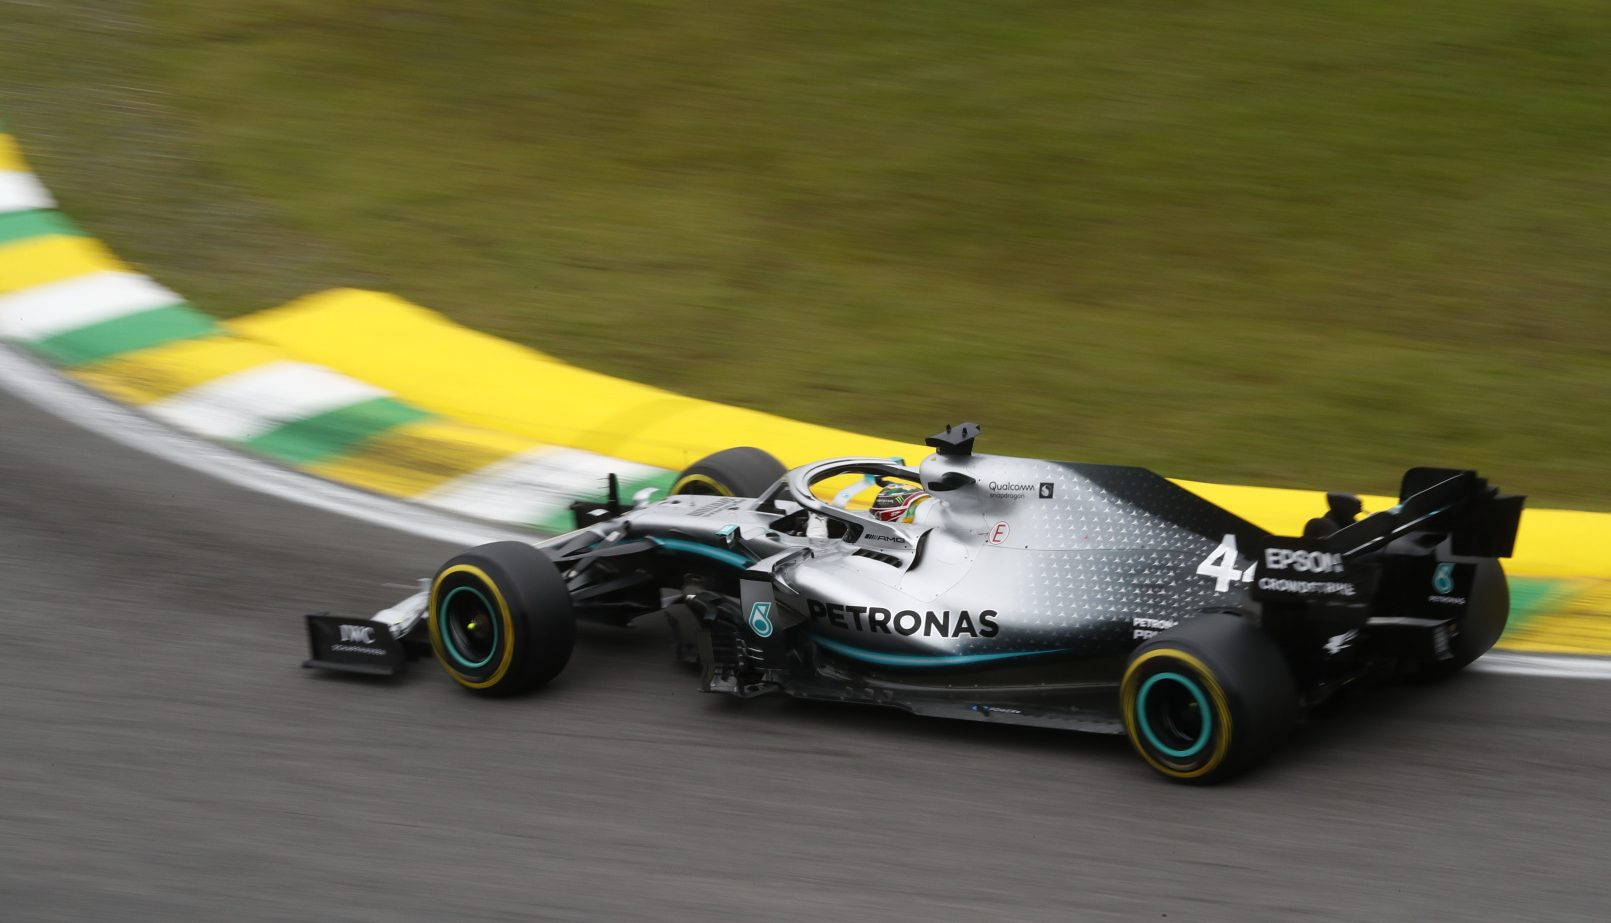 Hamilton pips Verstappen to top spot in final practice